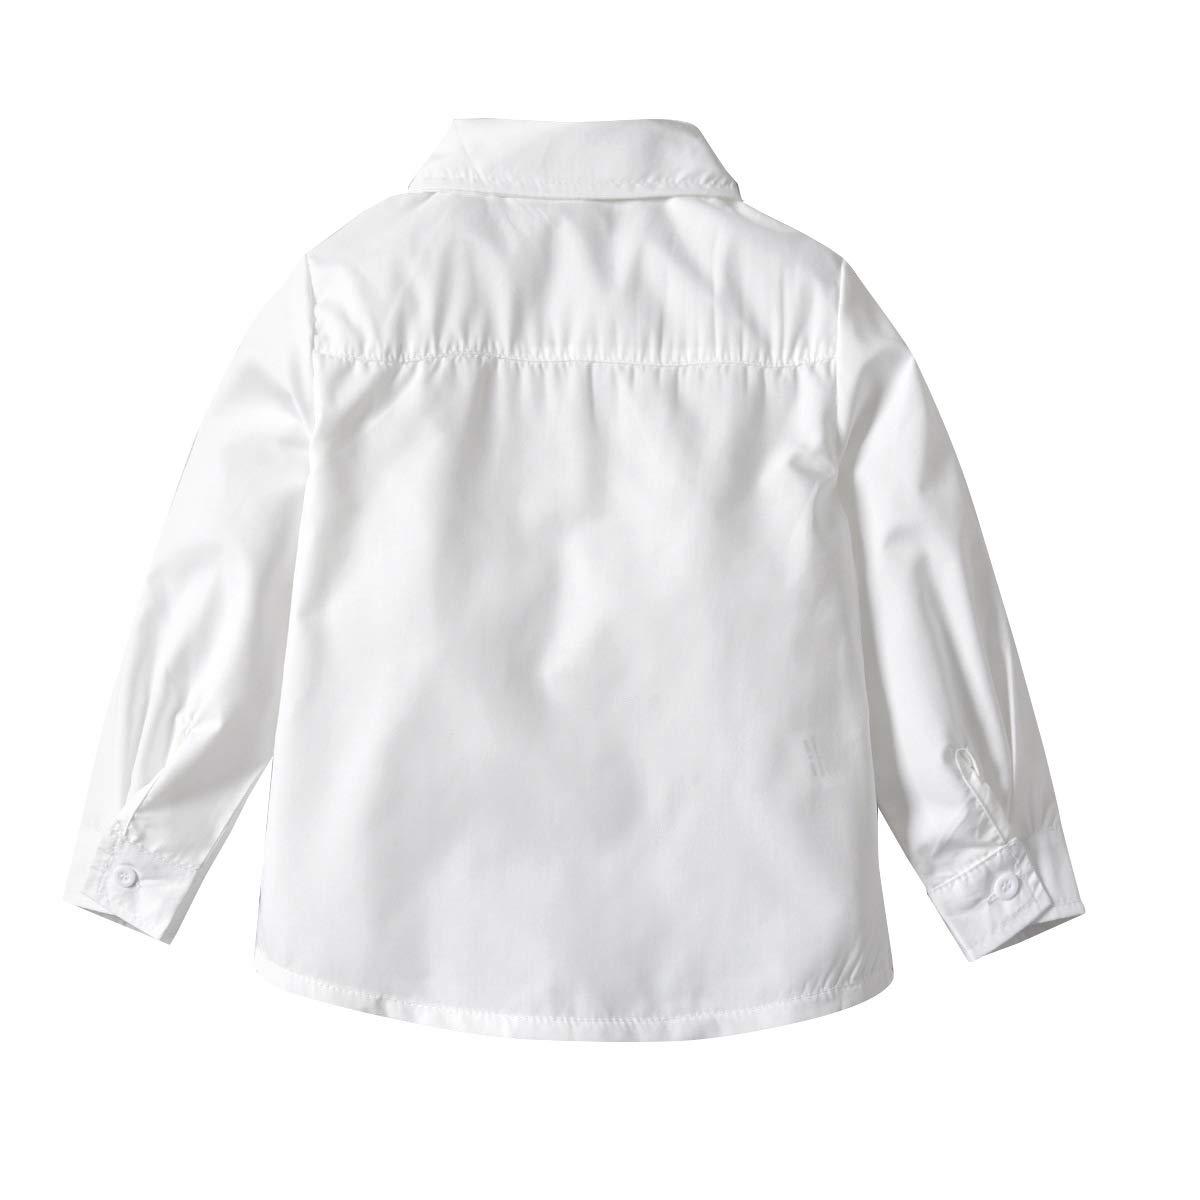 LAPLBEKE Conjuntos Niña Top Faldas Set Vestidos Niñas Recién Nacido Bebés Niñas Camiseta de Manga Larga Tops Bowknot + Enrejado Tutu Princesa de Fiesta Bautizo Conjunto de Ropa 12-24 Meses: Amazon.es: Ropa